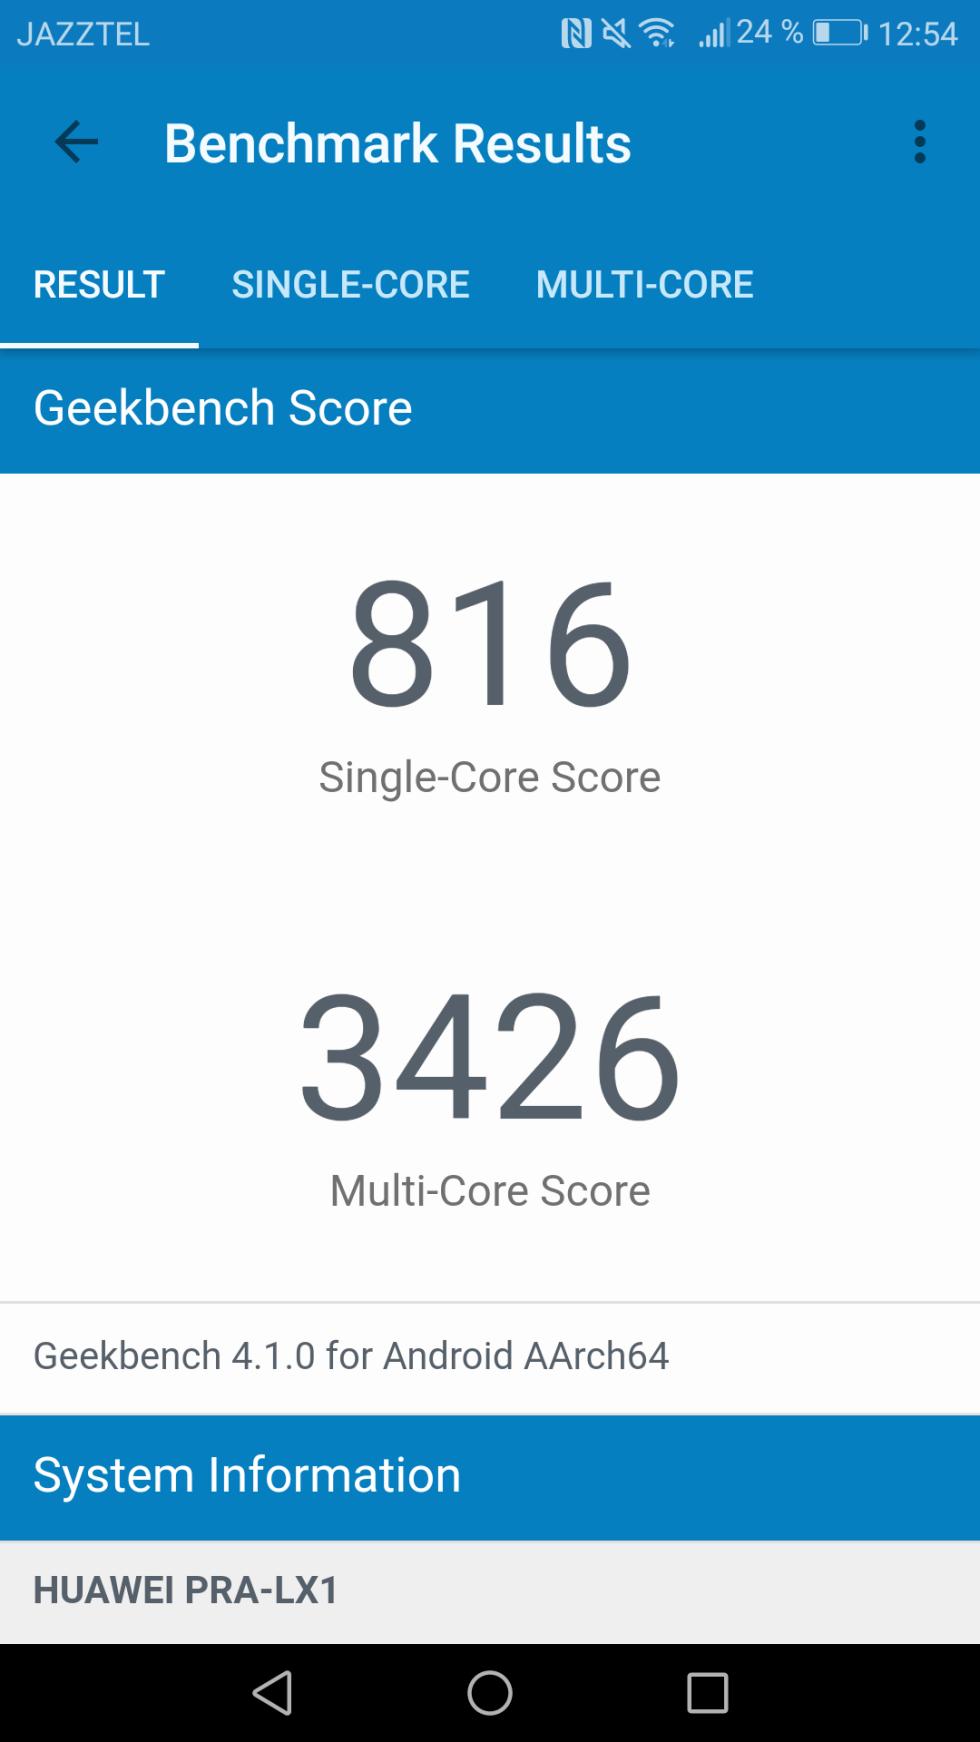 El P8 Lite logra los 816 puntos en la prueba mononúcleo de GeekBench 4, y los 3.426 puntos en la prueba multinúcleo